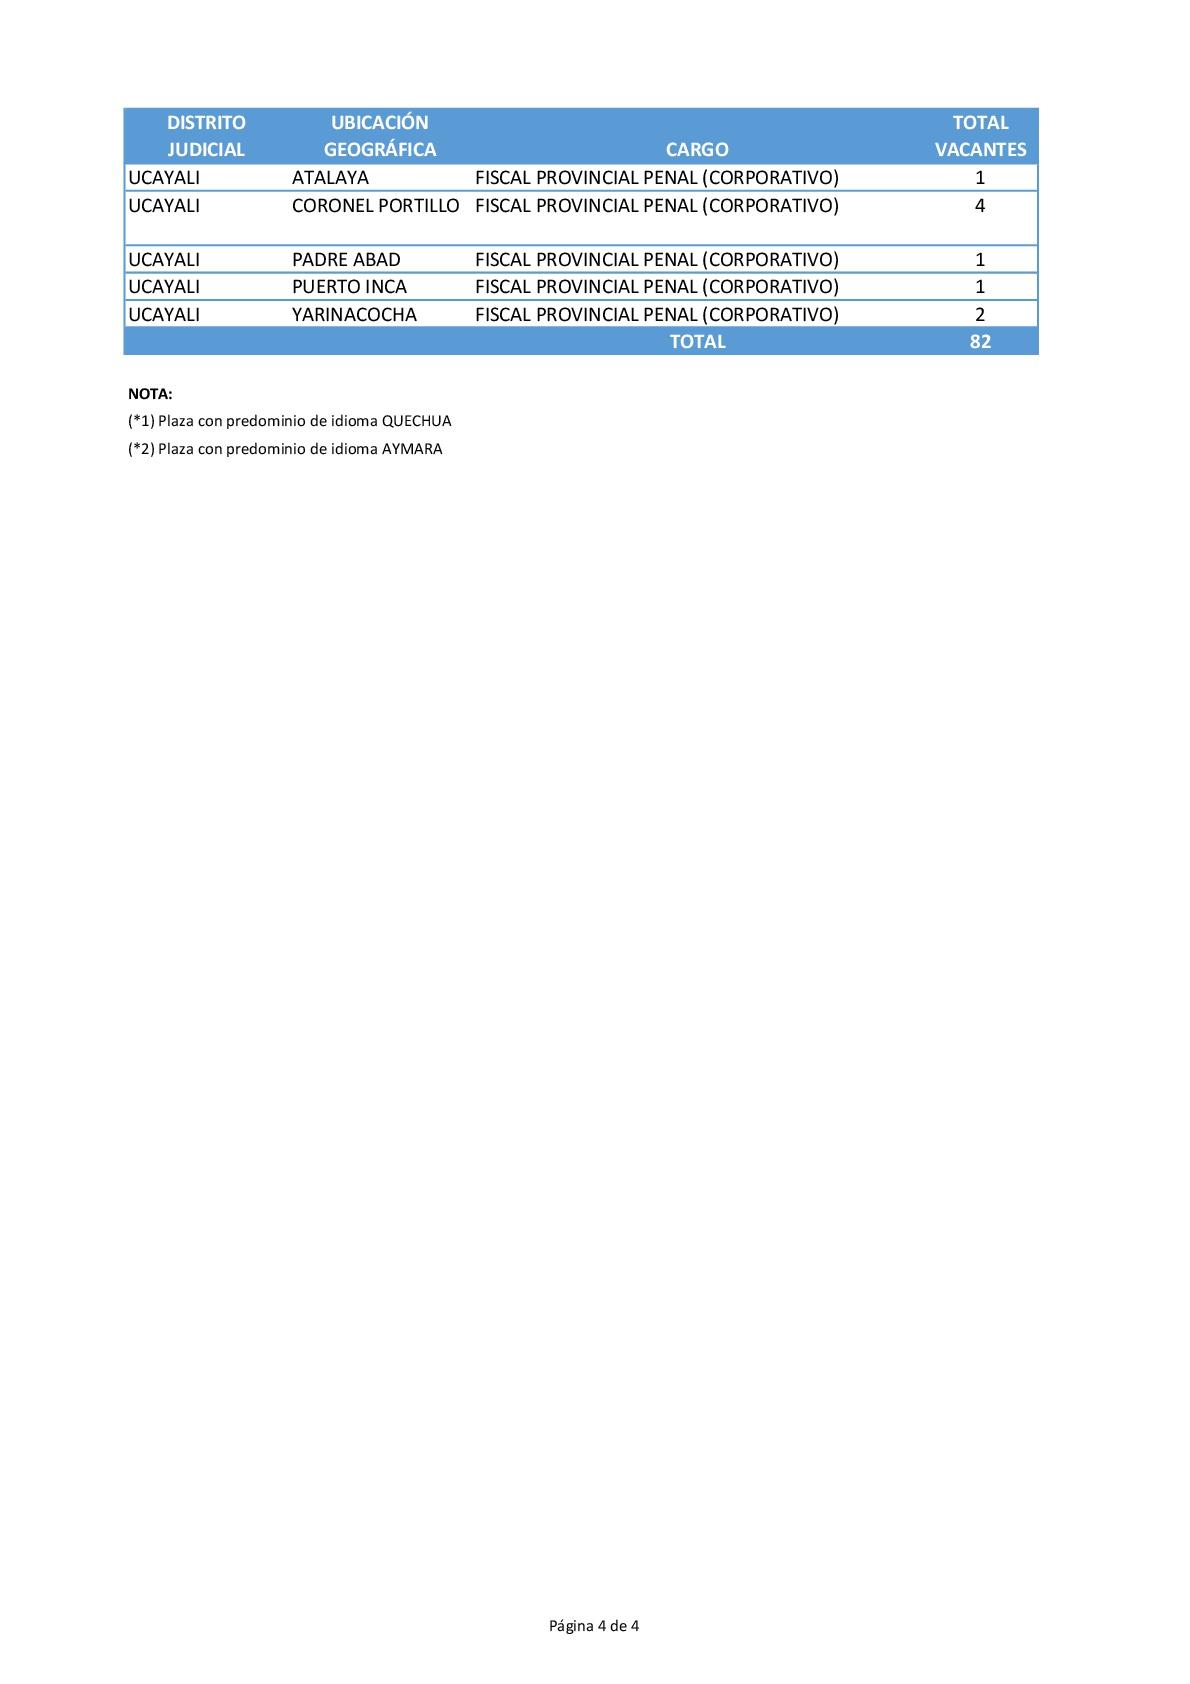 Plazas-vacantes-005-2017-CNM-Legis.pe-004